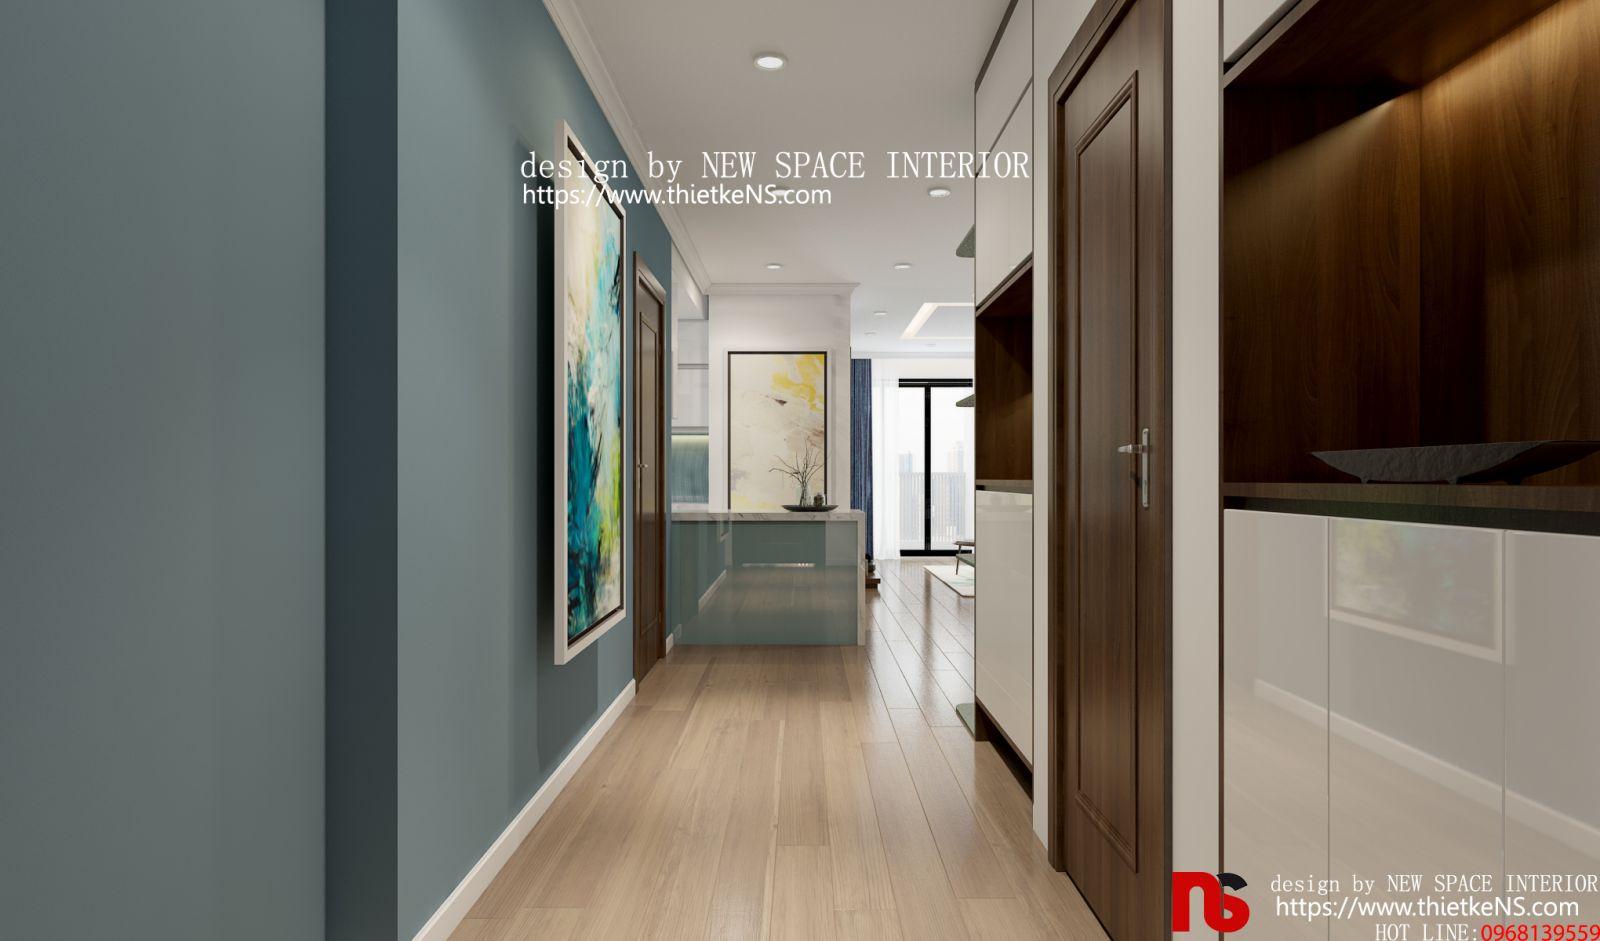 thiết kế nội thất chung cư khu vực bếp ăn